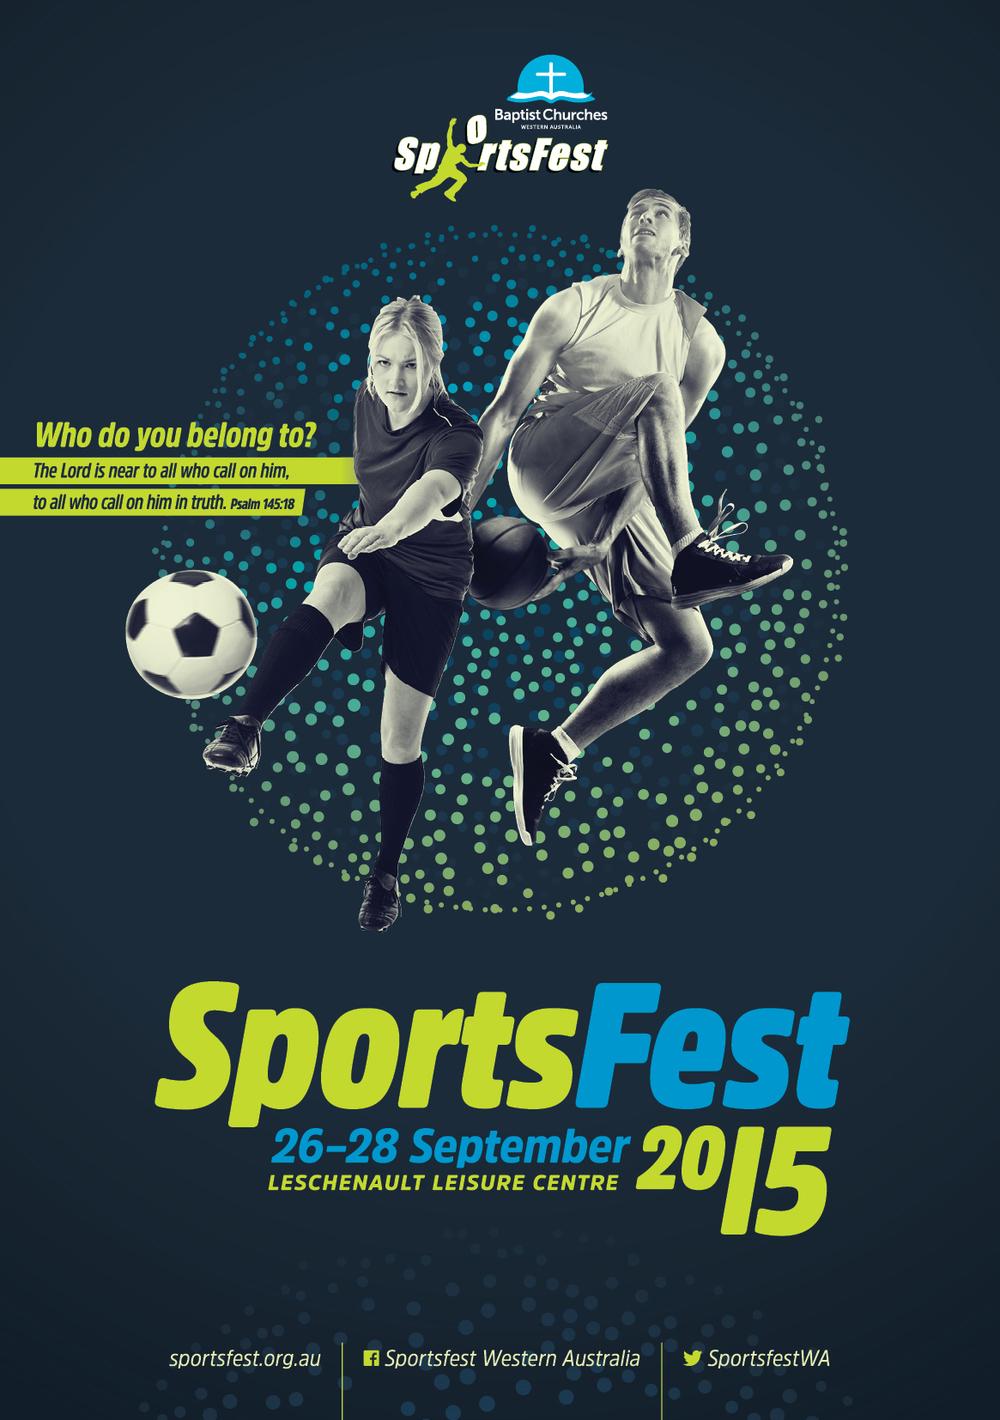 SportsFest 2015